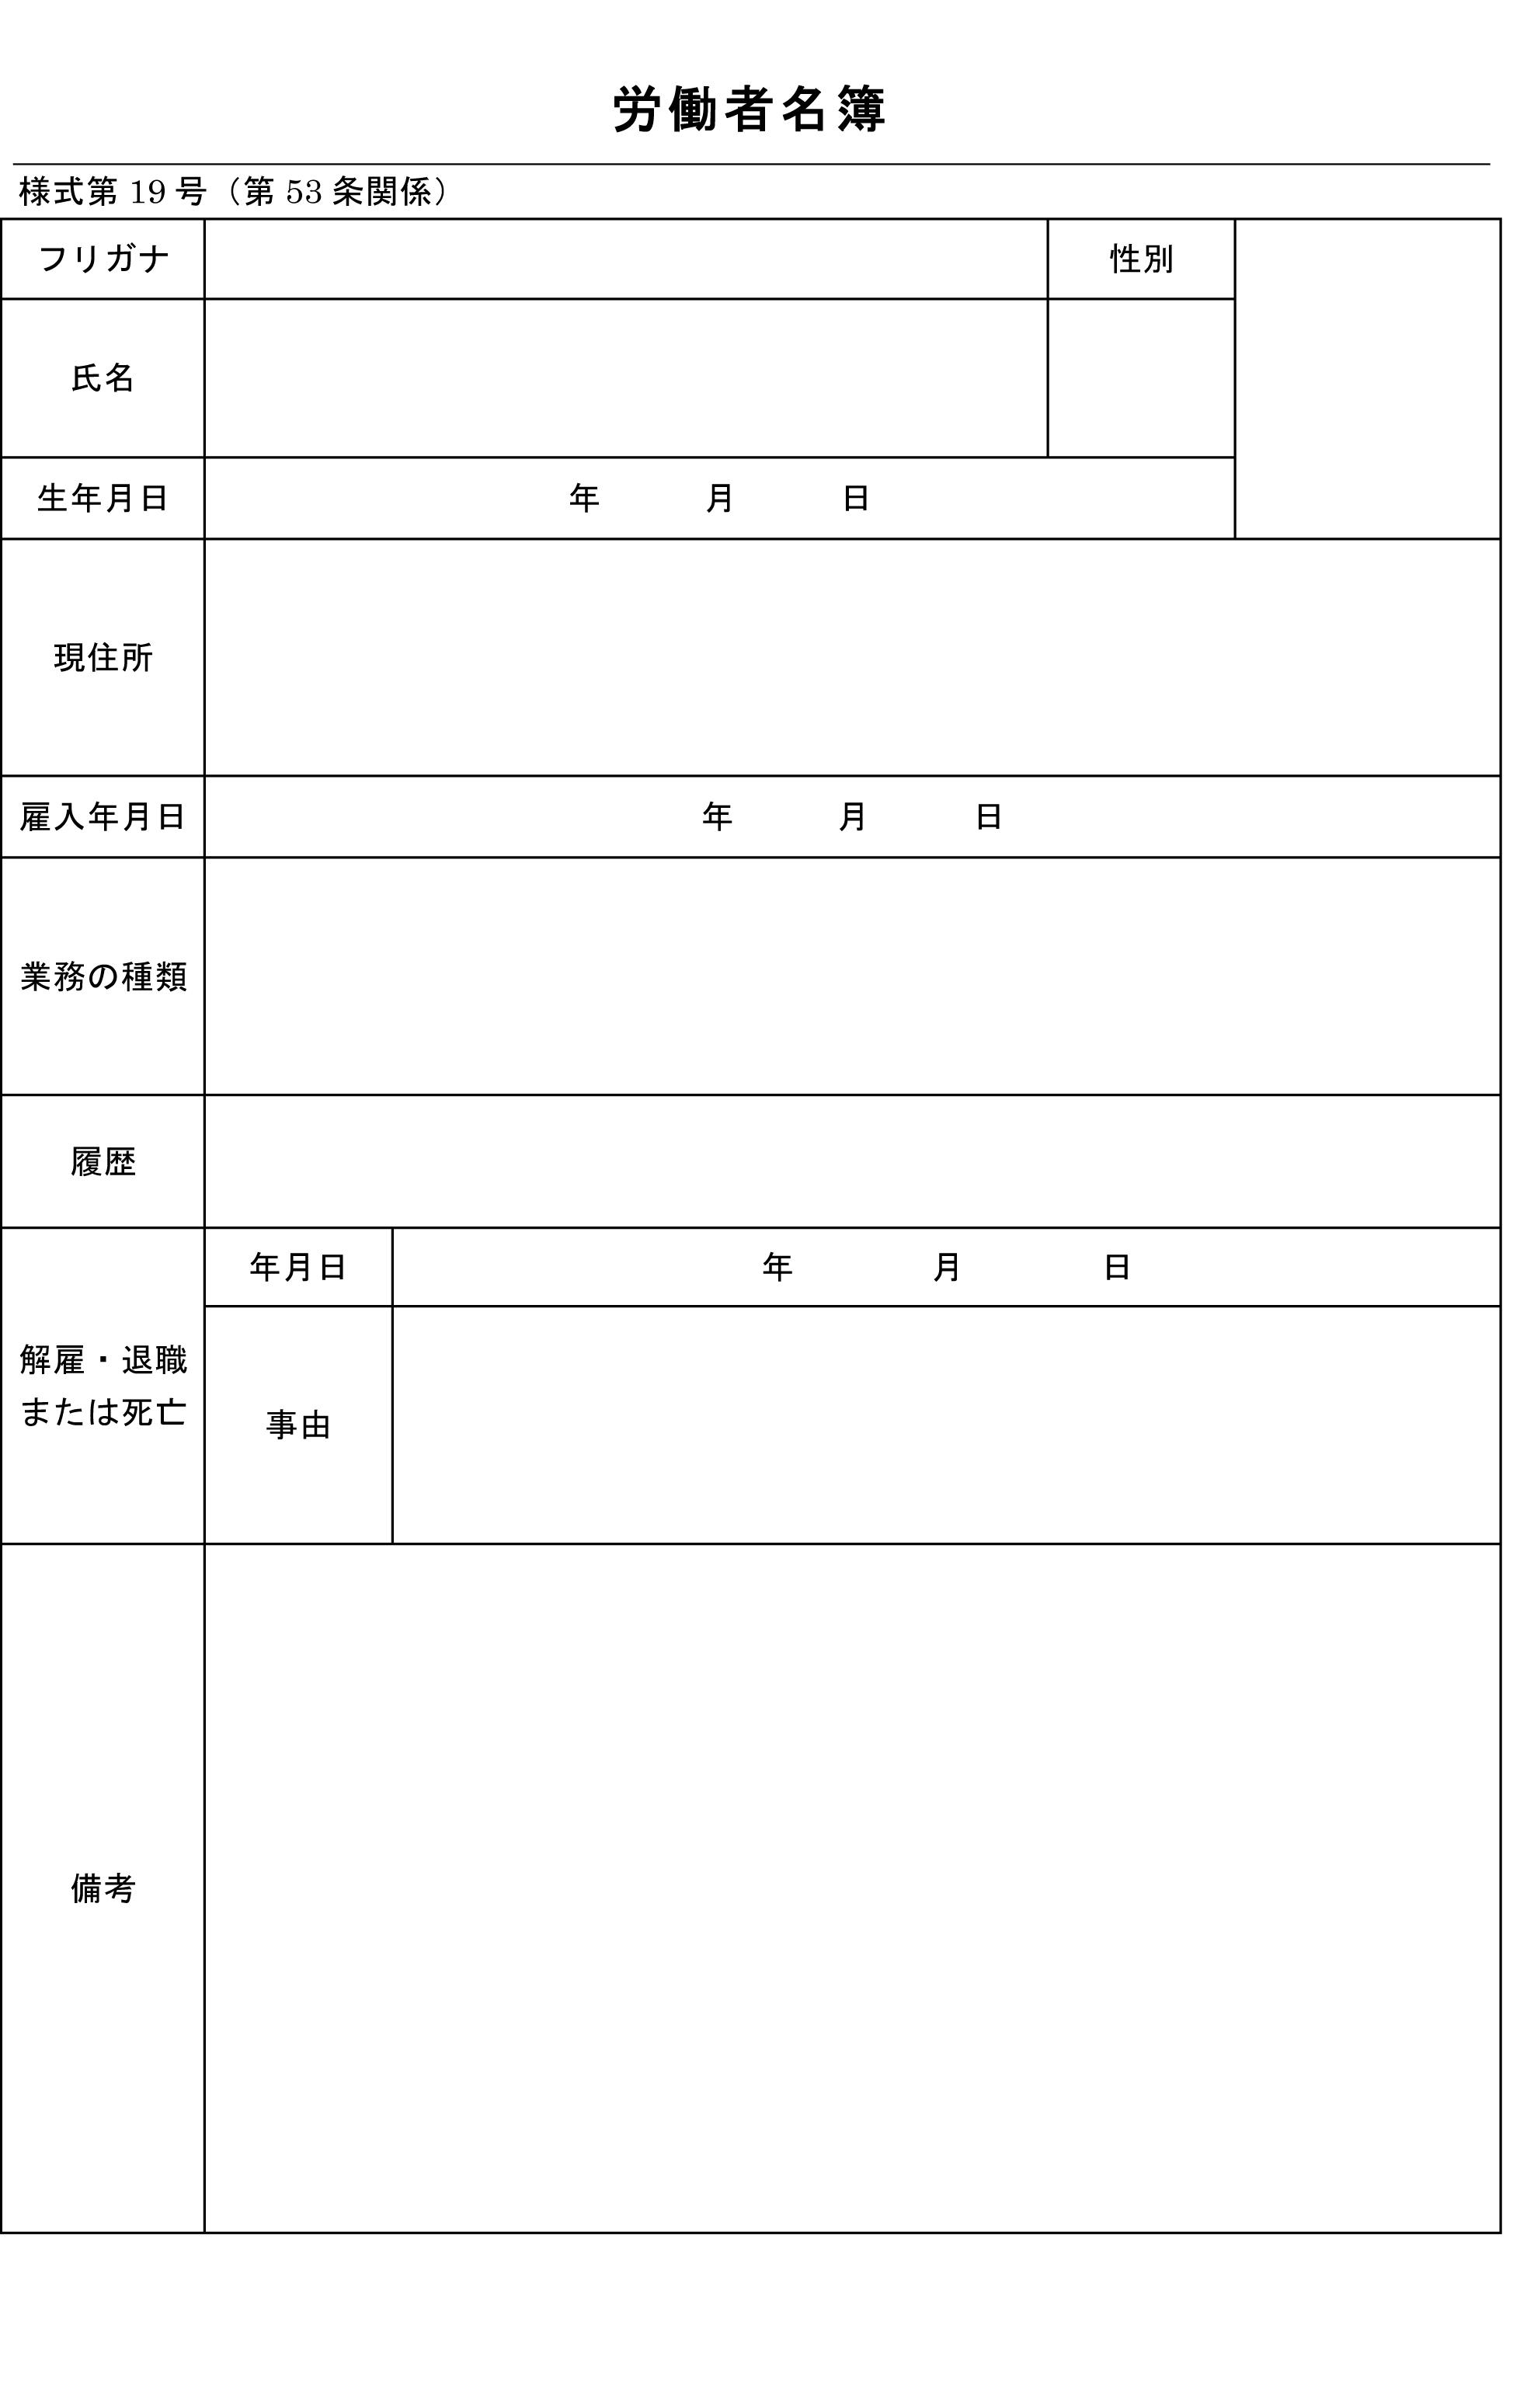 労働者名簿01